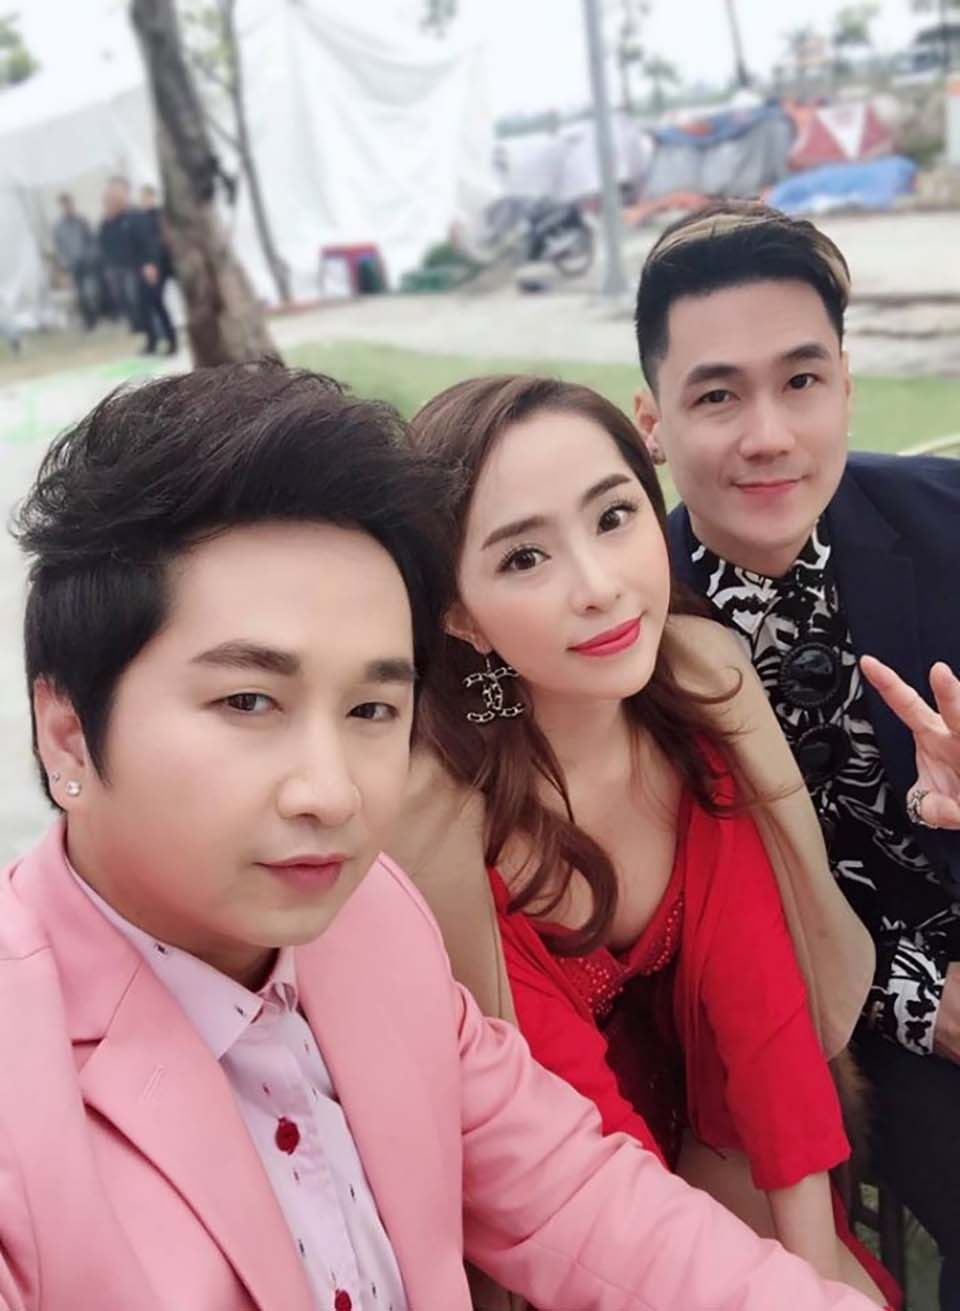 Gặp lại sau 4 năm từ mặt, Quỳnh Nga nói điều bất ngờ với tình cũ Khánh Phương - 1